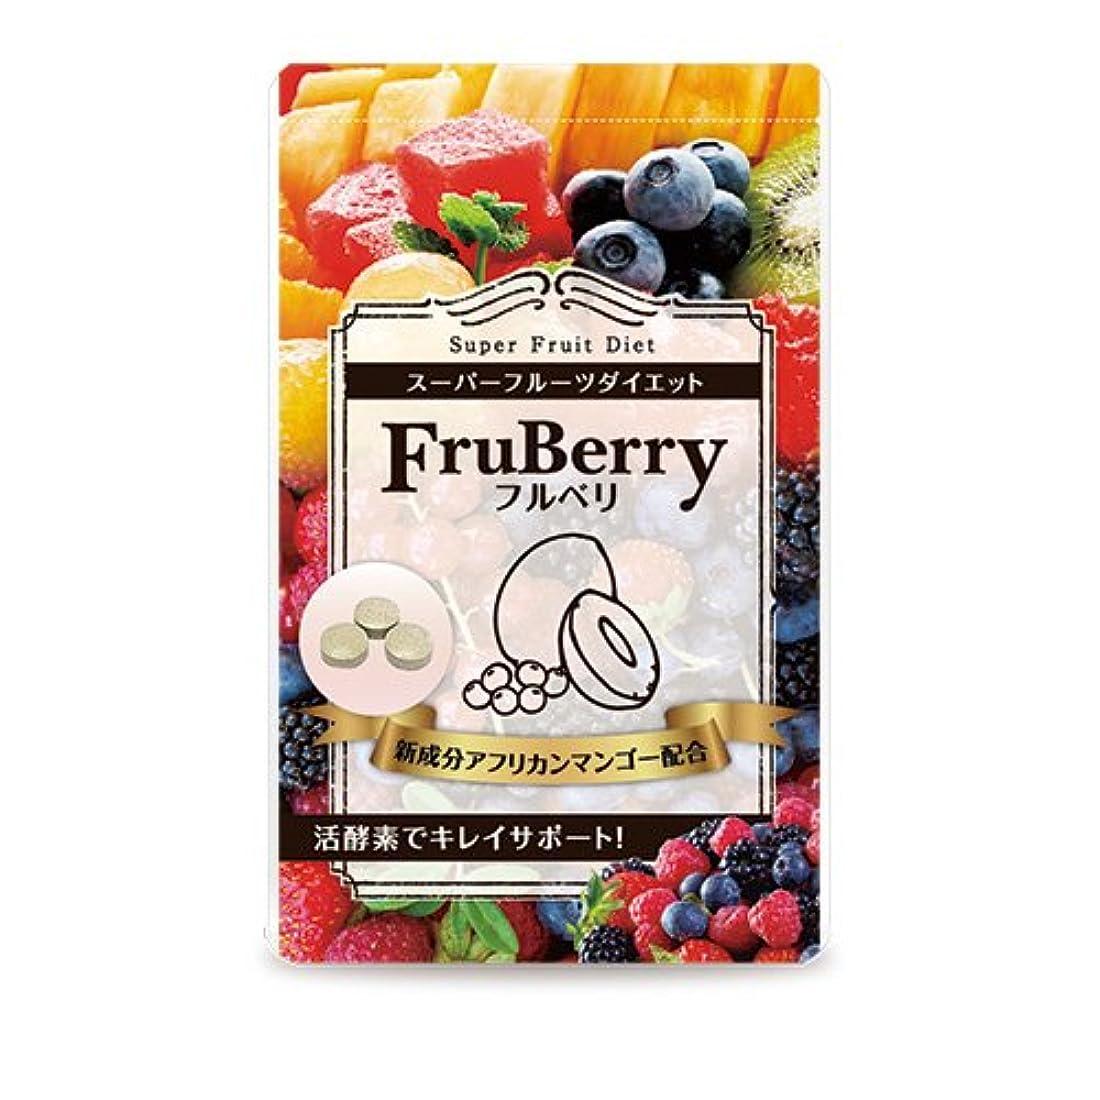 アヒルナプキンインドフルベリ 5袋セット 約150日分 FruBerry アフリカンマンゴー ベリー類 乳酸菌のサプリ